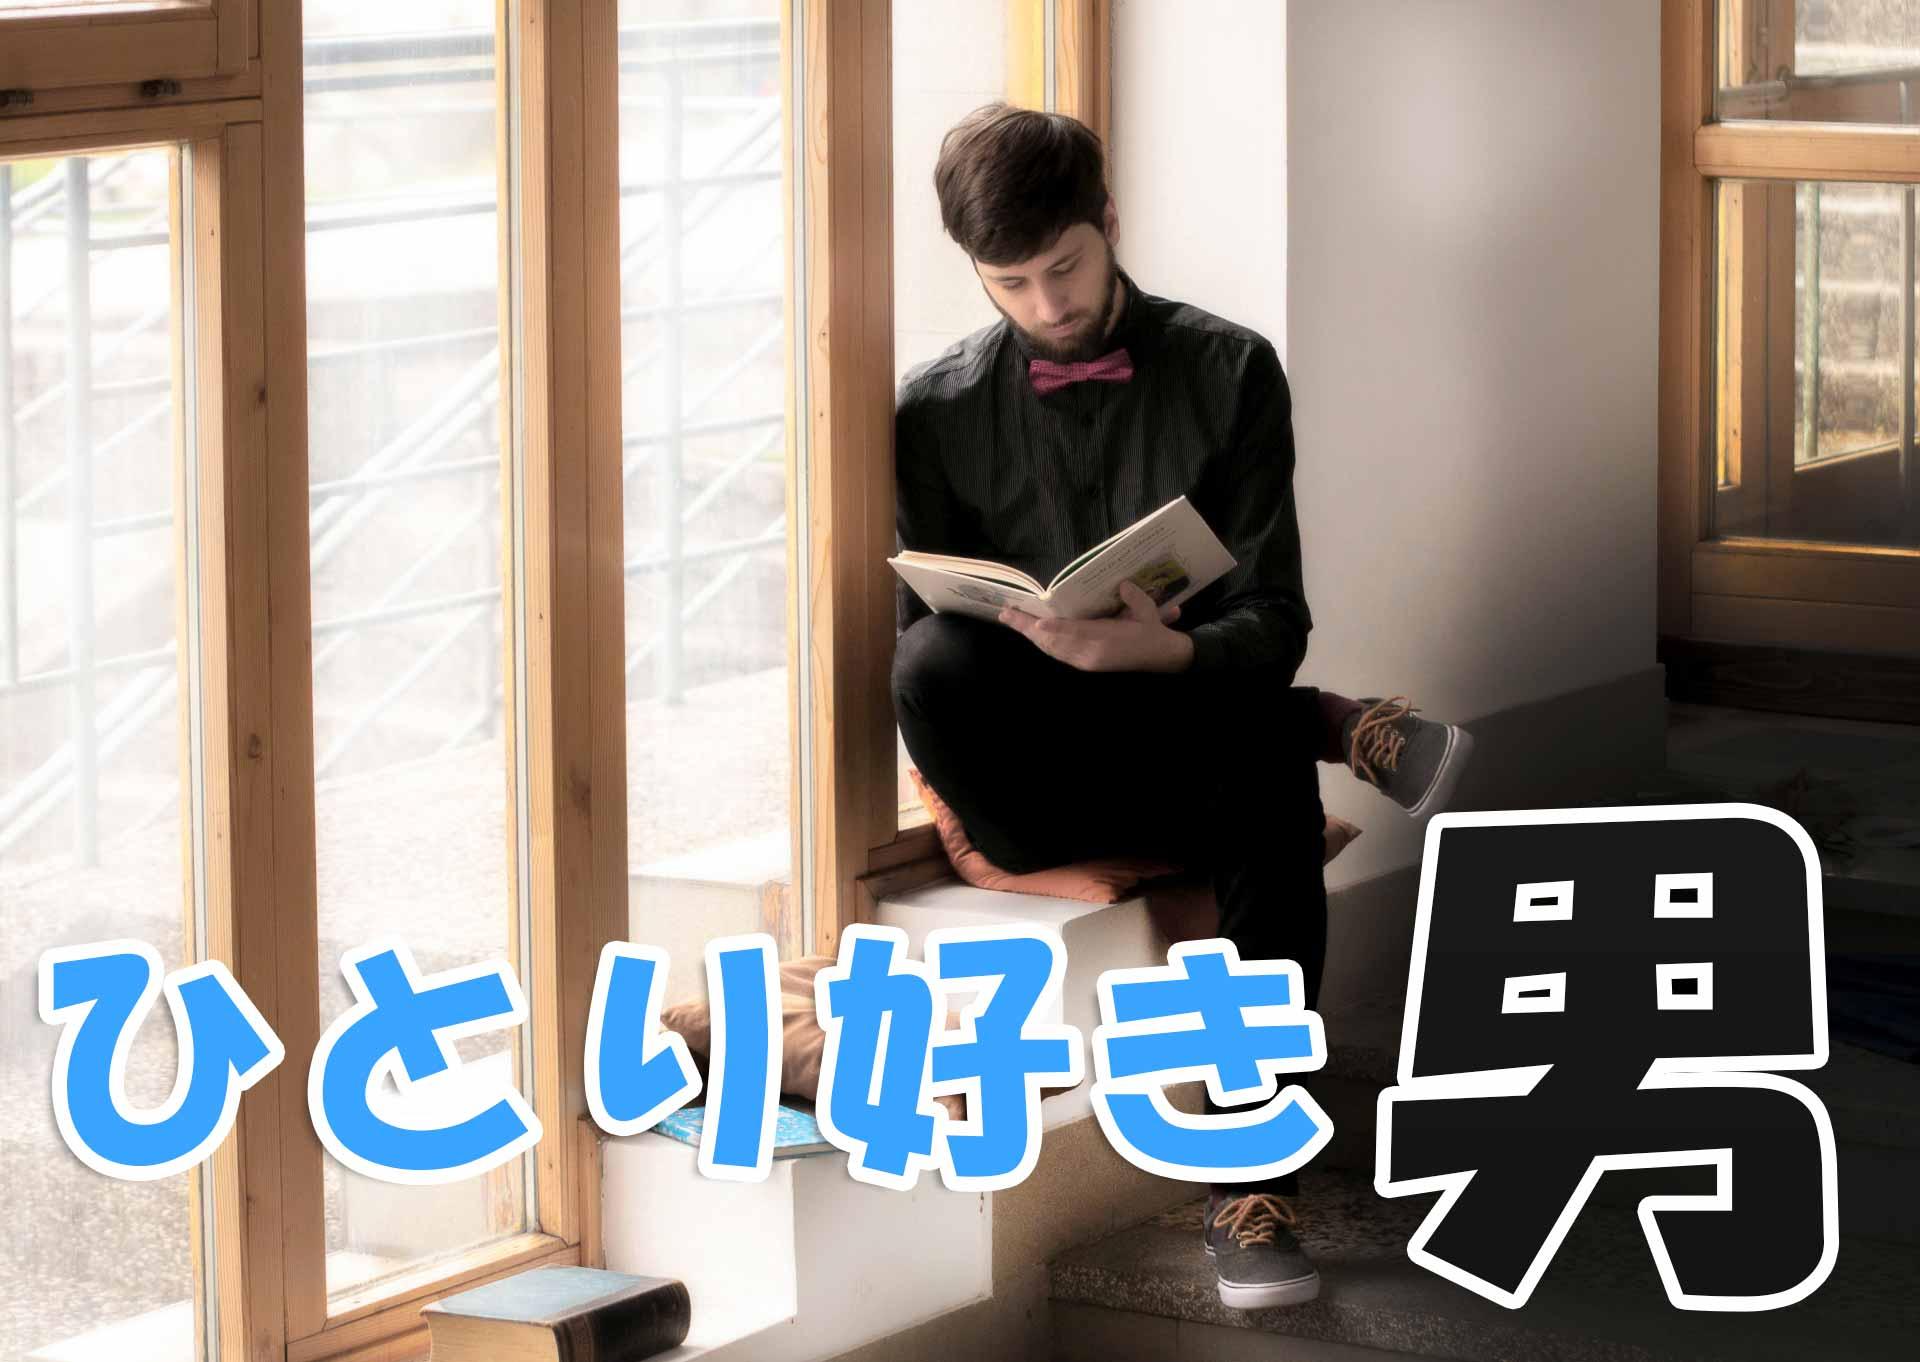 窓際で本を読む男性と「ひとり好き男」の文字